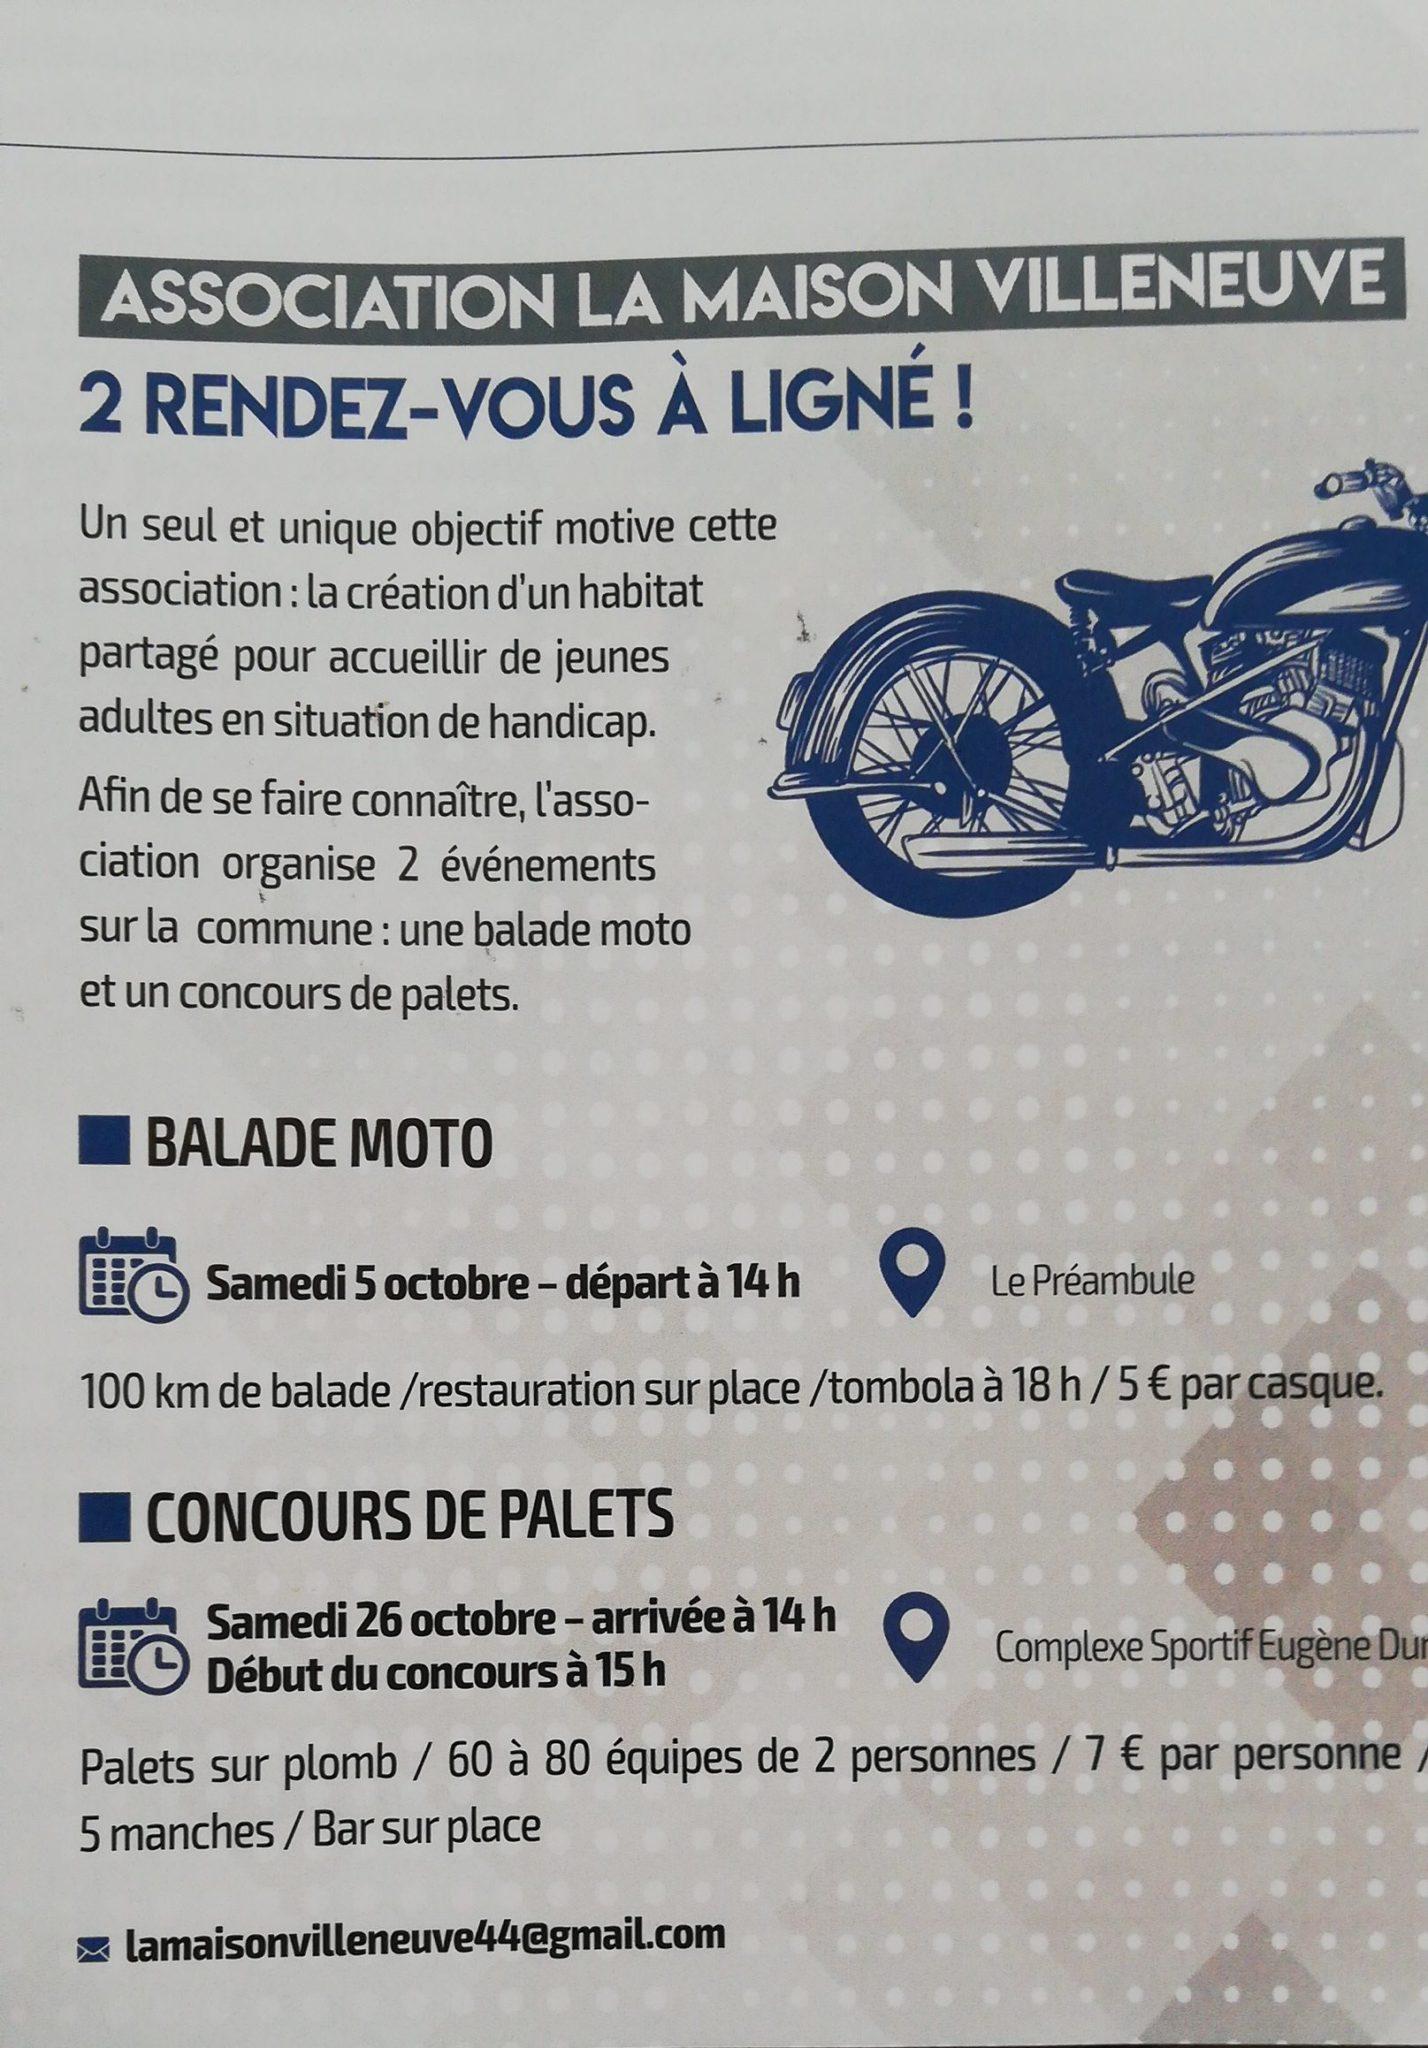 Balade Moto La maison Villeneuve – Ligné (44)